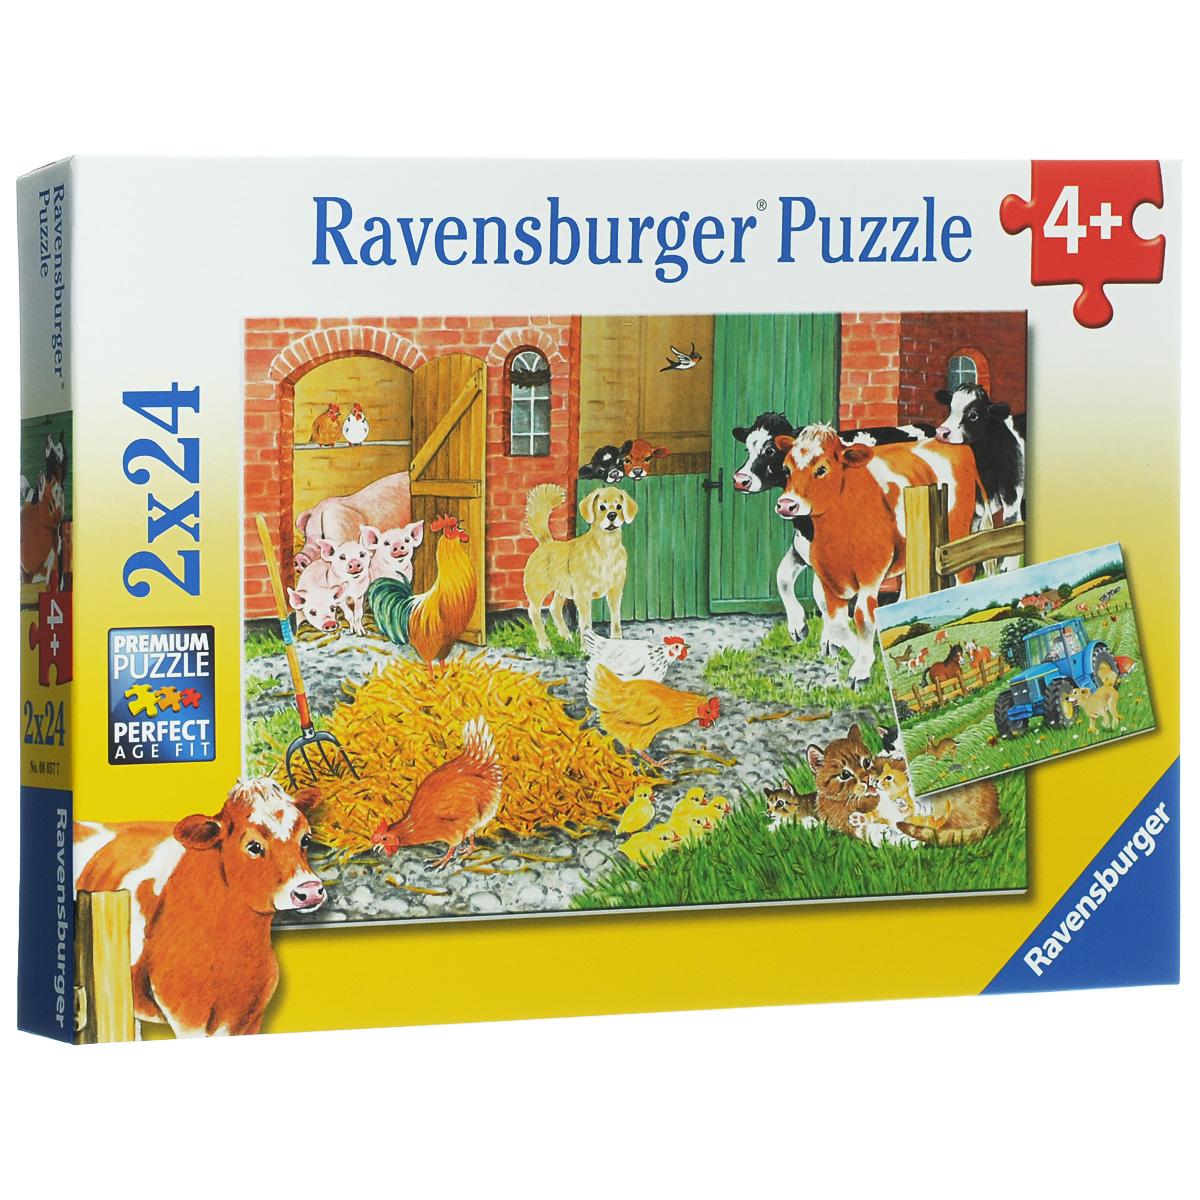 Ravensburger На ферме. Пазл 2х24 элемента08857Пазлы Ravensburger На ферме привлекут внимание вашего малыша и познакомят его с чудесным миром животных. Комплект включает 48 элементов, с помощью которых ребенок сможет собрать два пазла с изображениями животных фермы. Благодаря прочному материалу детали пазлов легко крепятся между собой, а крупный размер деталей будет удобен для маленьких ручек малыша. Игра с таким пазлом поможет ребенку в развитии логического мышления, воображения, памяти и мелкой моторики рук.